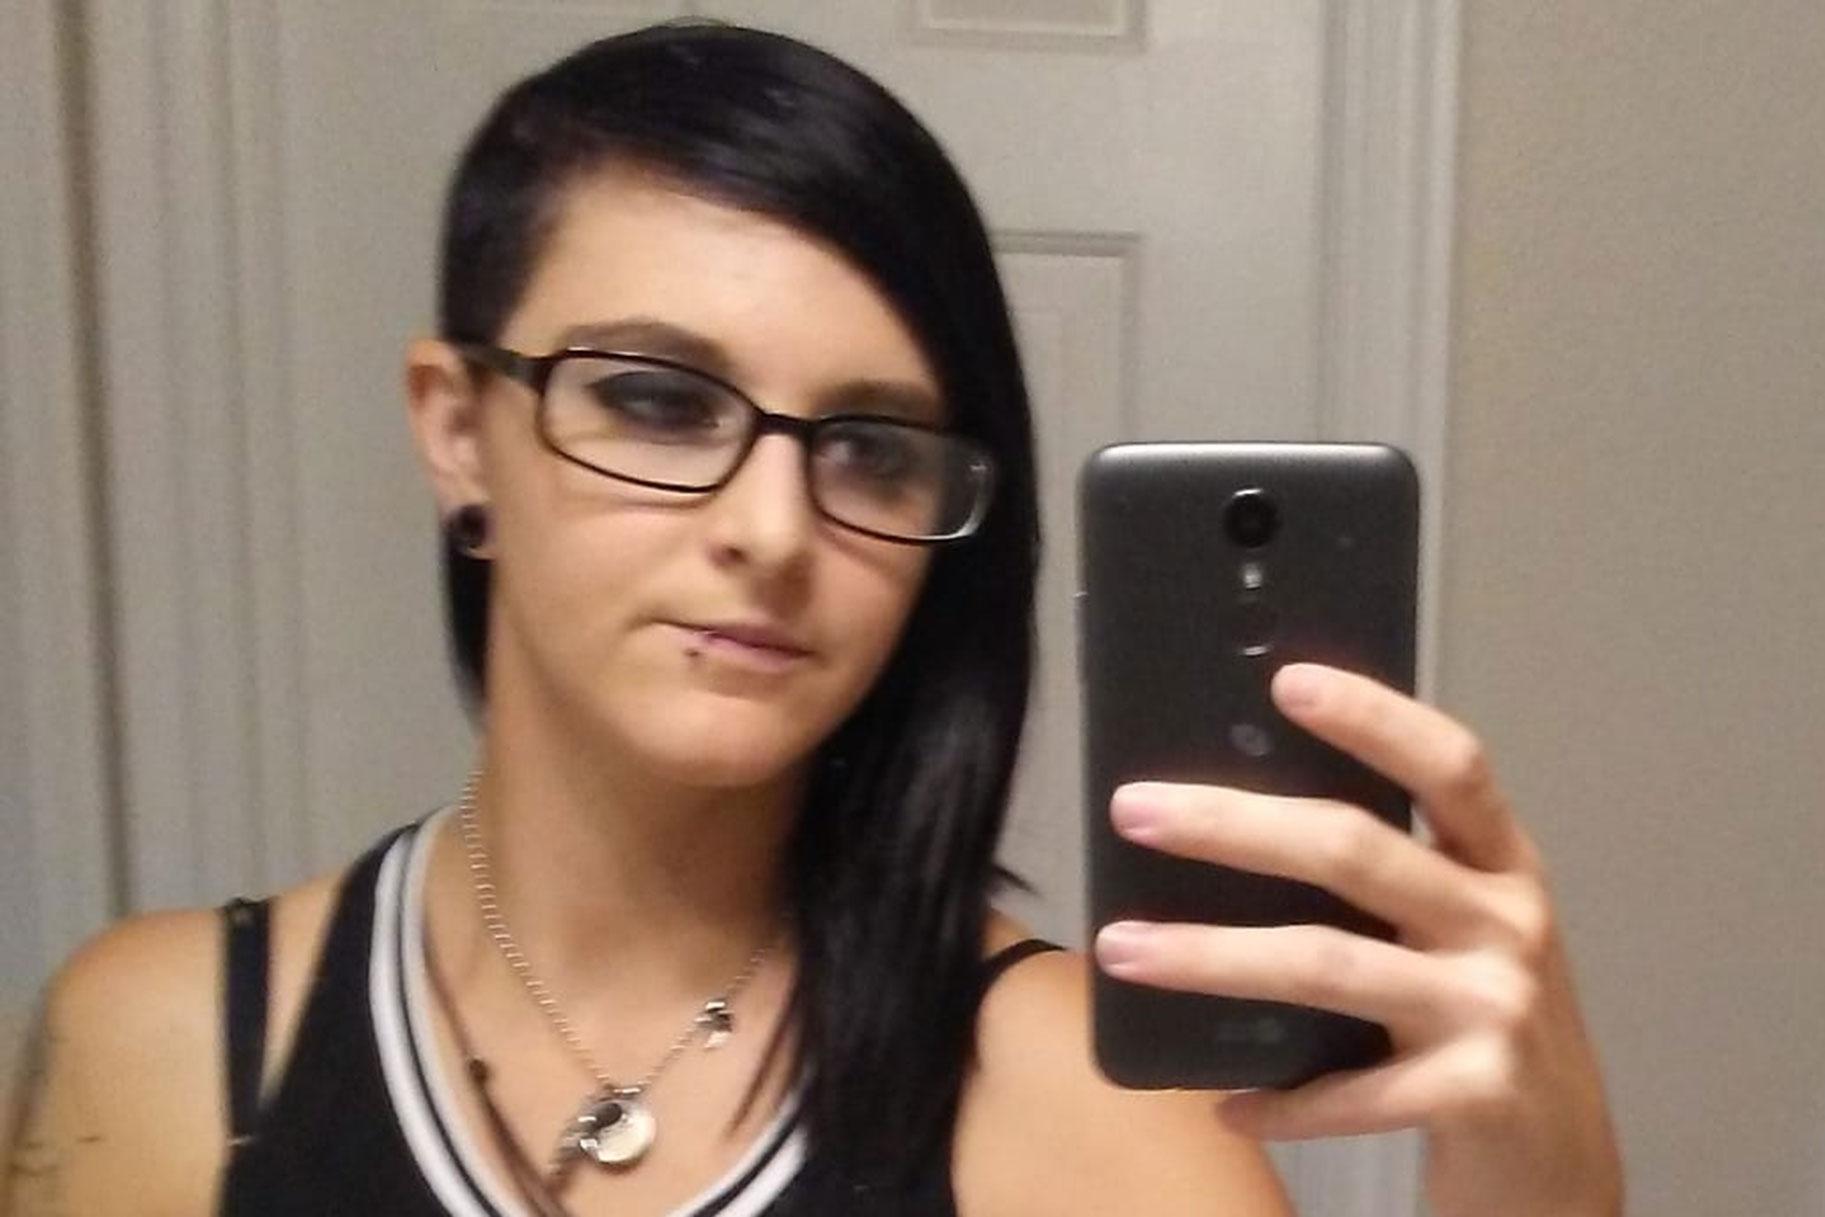 Ženska Matere Utah, najdena mrtva v oddaljenem območju, je trdila, da jo je ugrabil par, s katerim je 'slučajno prečkala poti'